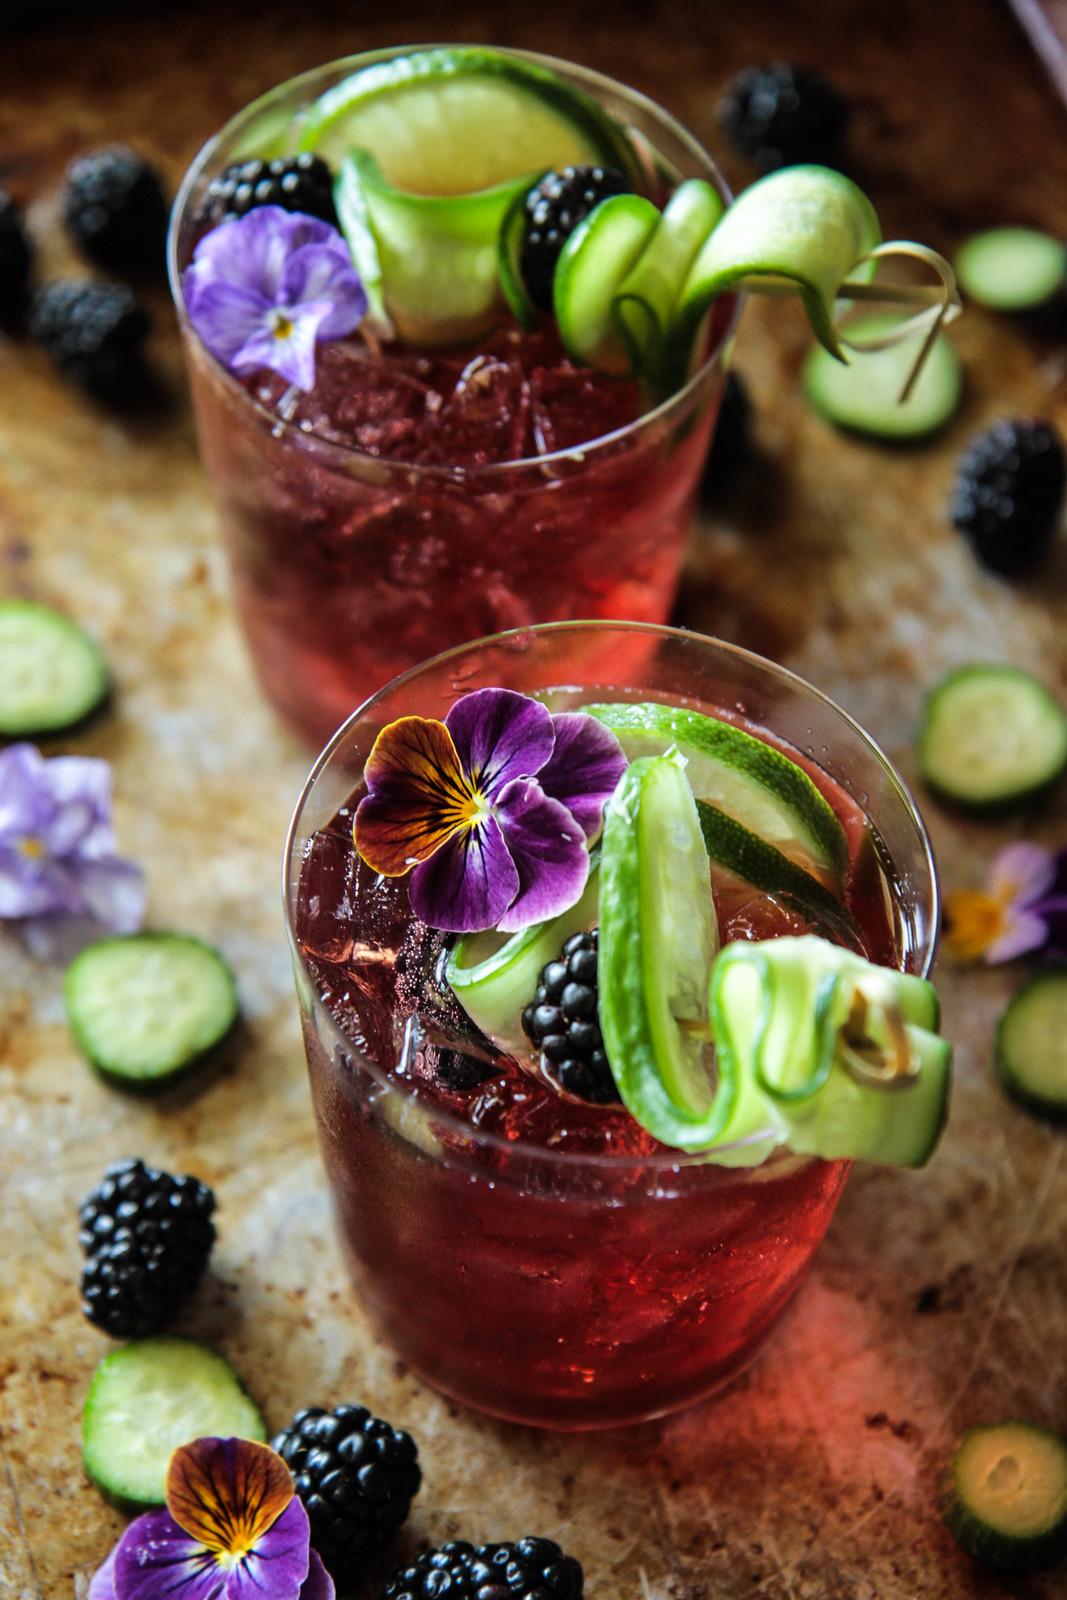 黑莓杜松子酒和补品从HeatherChristo.com